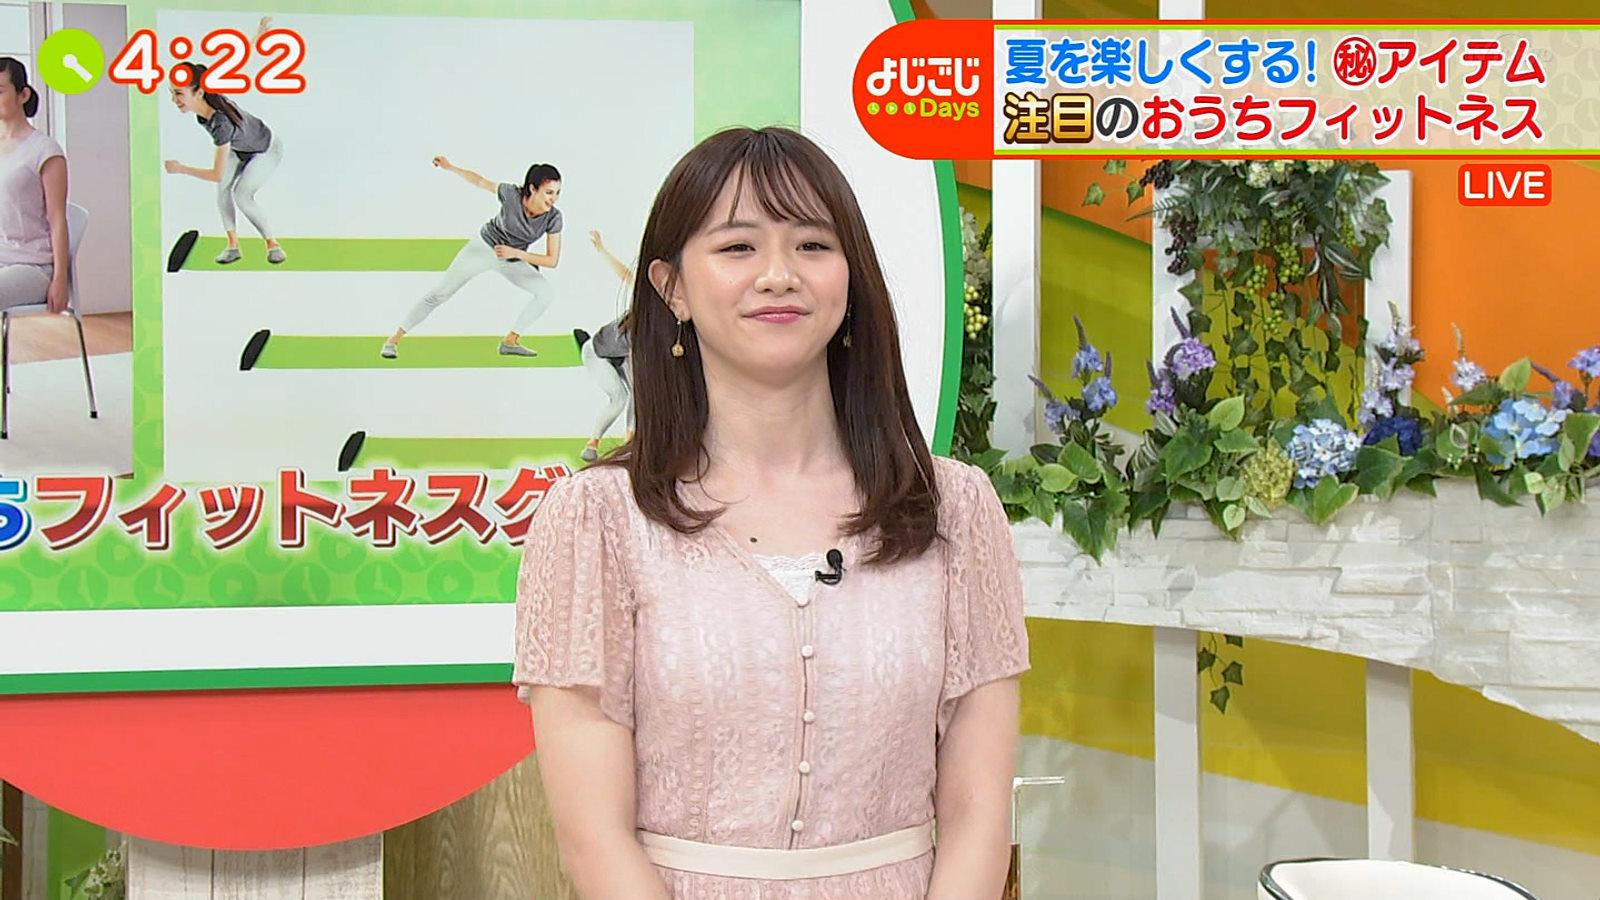 森香澄_女子アナ_おっぱい_乳揺れ_よじごじDAYS_33